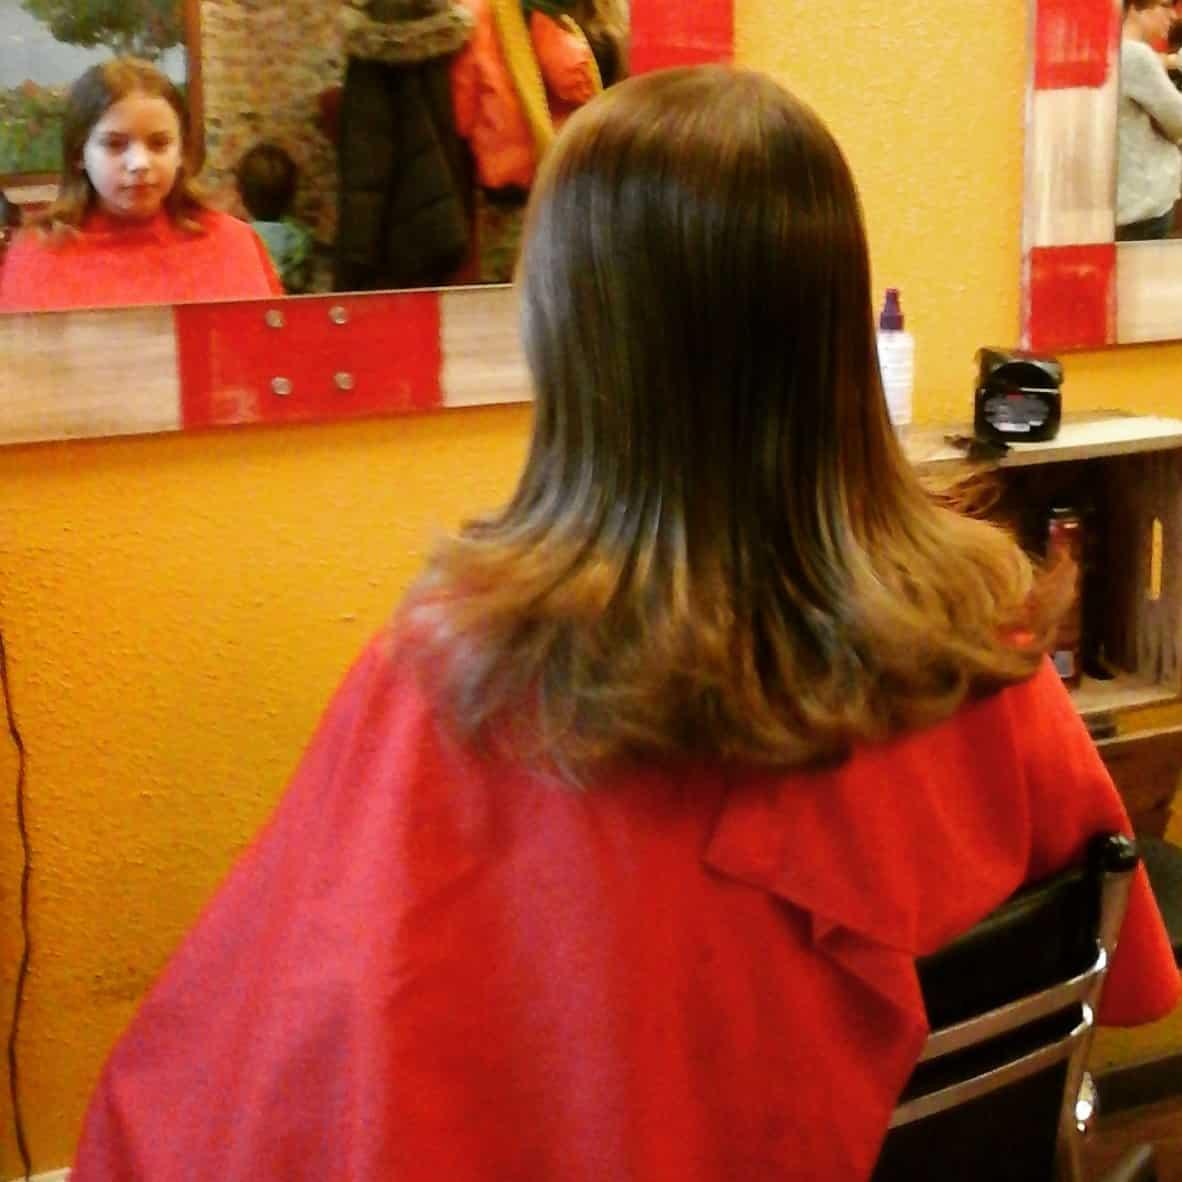 Zoonlief gaat voor een knipbeurt bij de kapper (c) Srsck